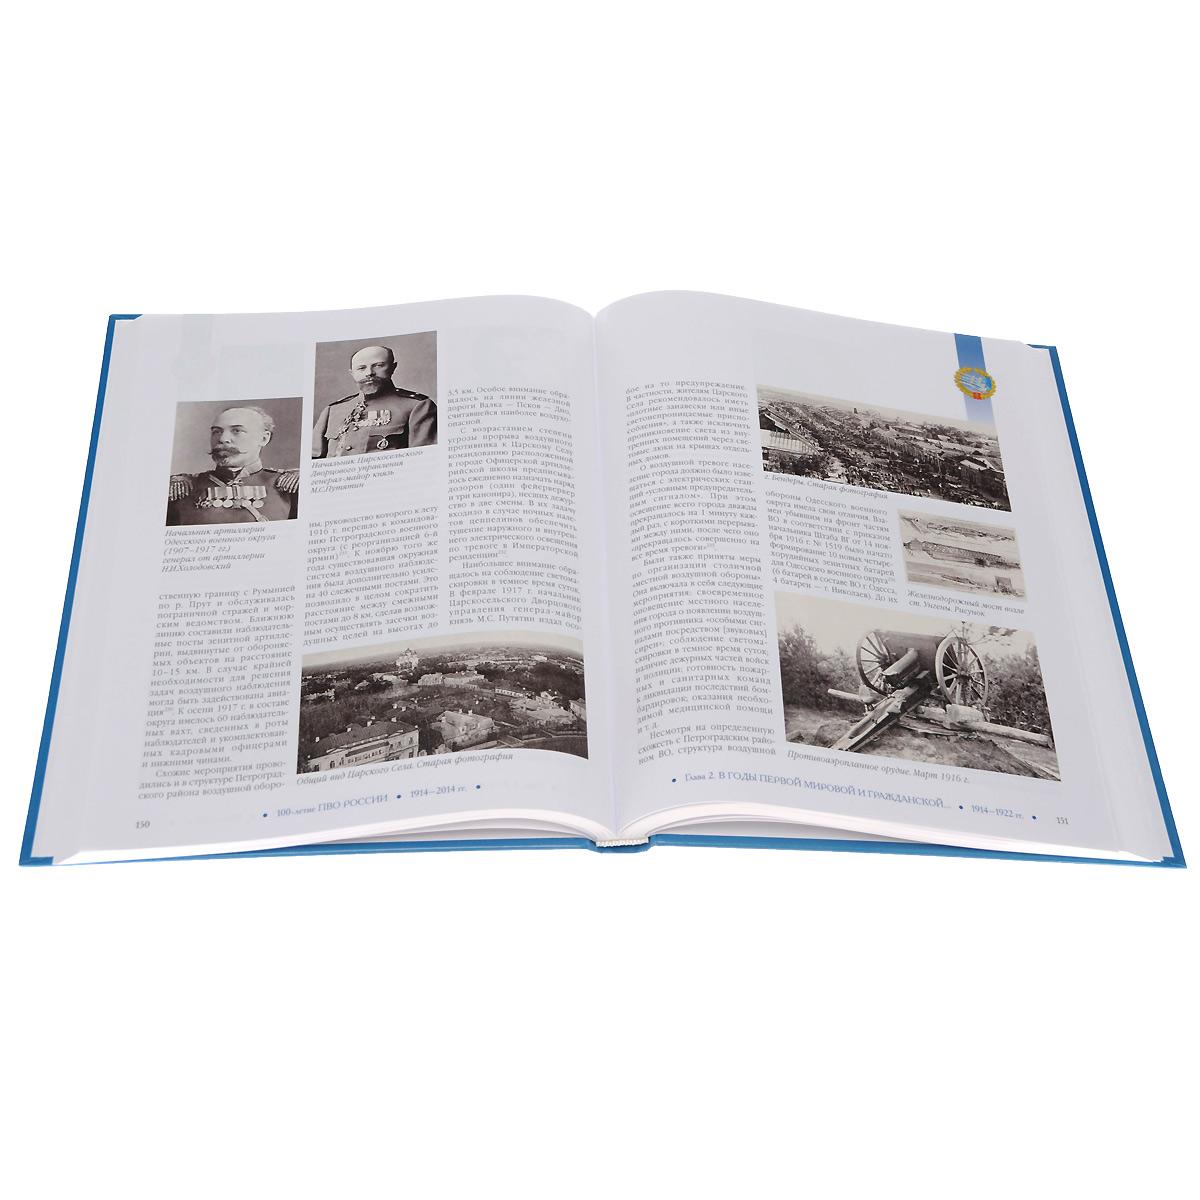 Книга 100-летие противовоздушной обороны России. 1914-2014. В 2 томах (комплект). А. Ю. Лашков, В. Л. Голотюк